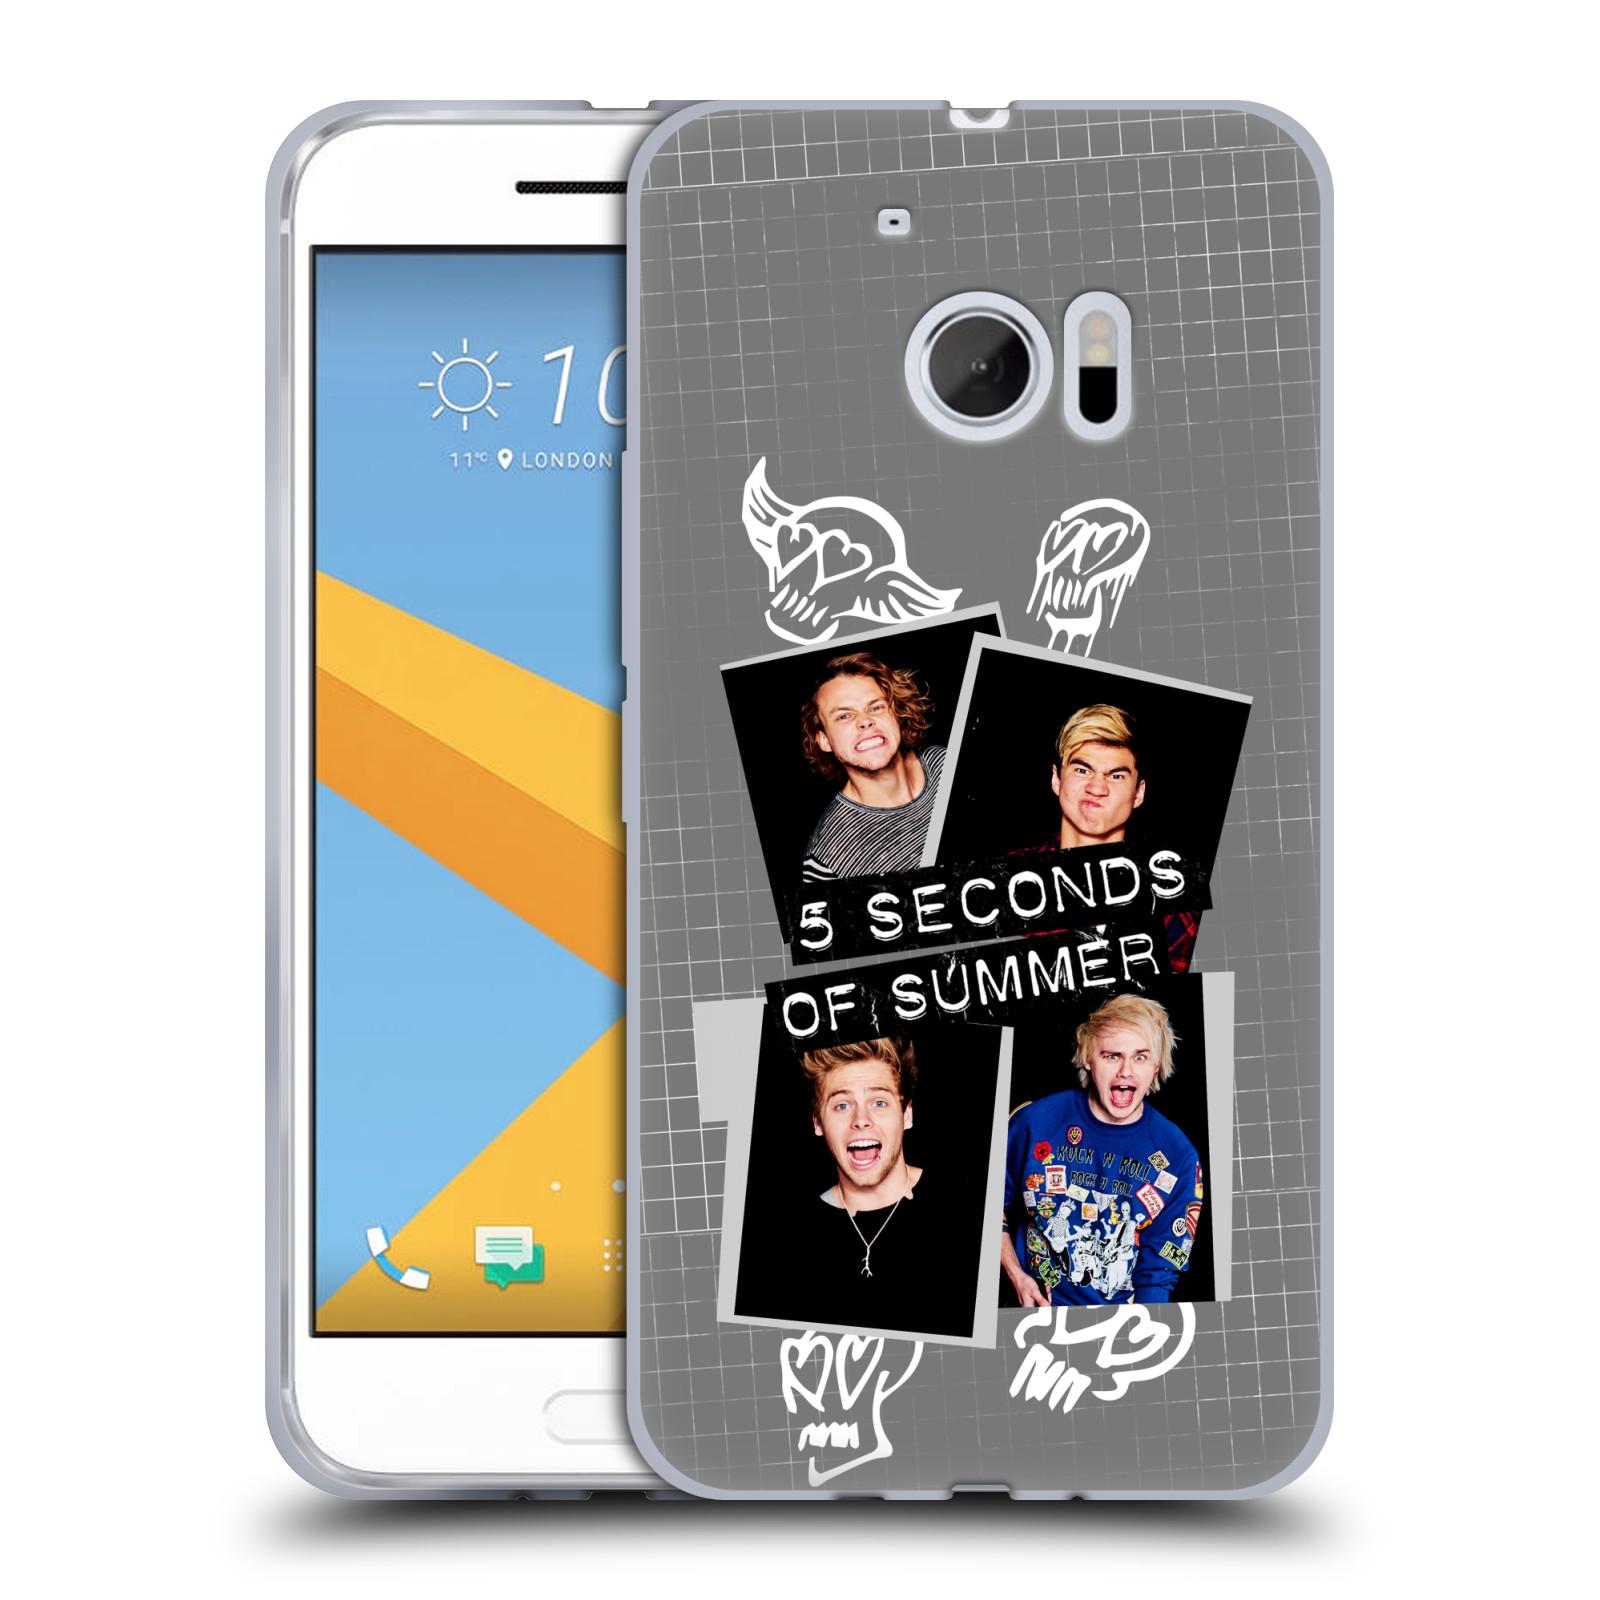 Silikonové pouzdro na mobil HTC 10 HEAD CASE 5 Seconds of Summer - Band Grey (Silikonový kryt či obal na mobilní telefon licencovaným motivem 5 Seconds of Summer pro HTC 10 (HTC One M10))